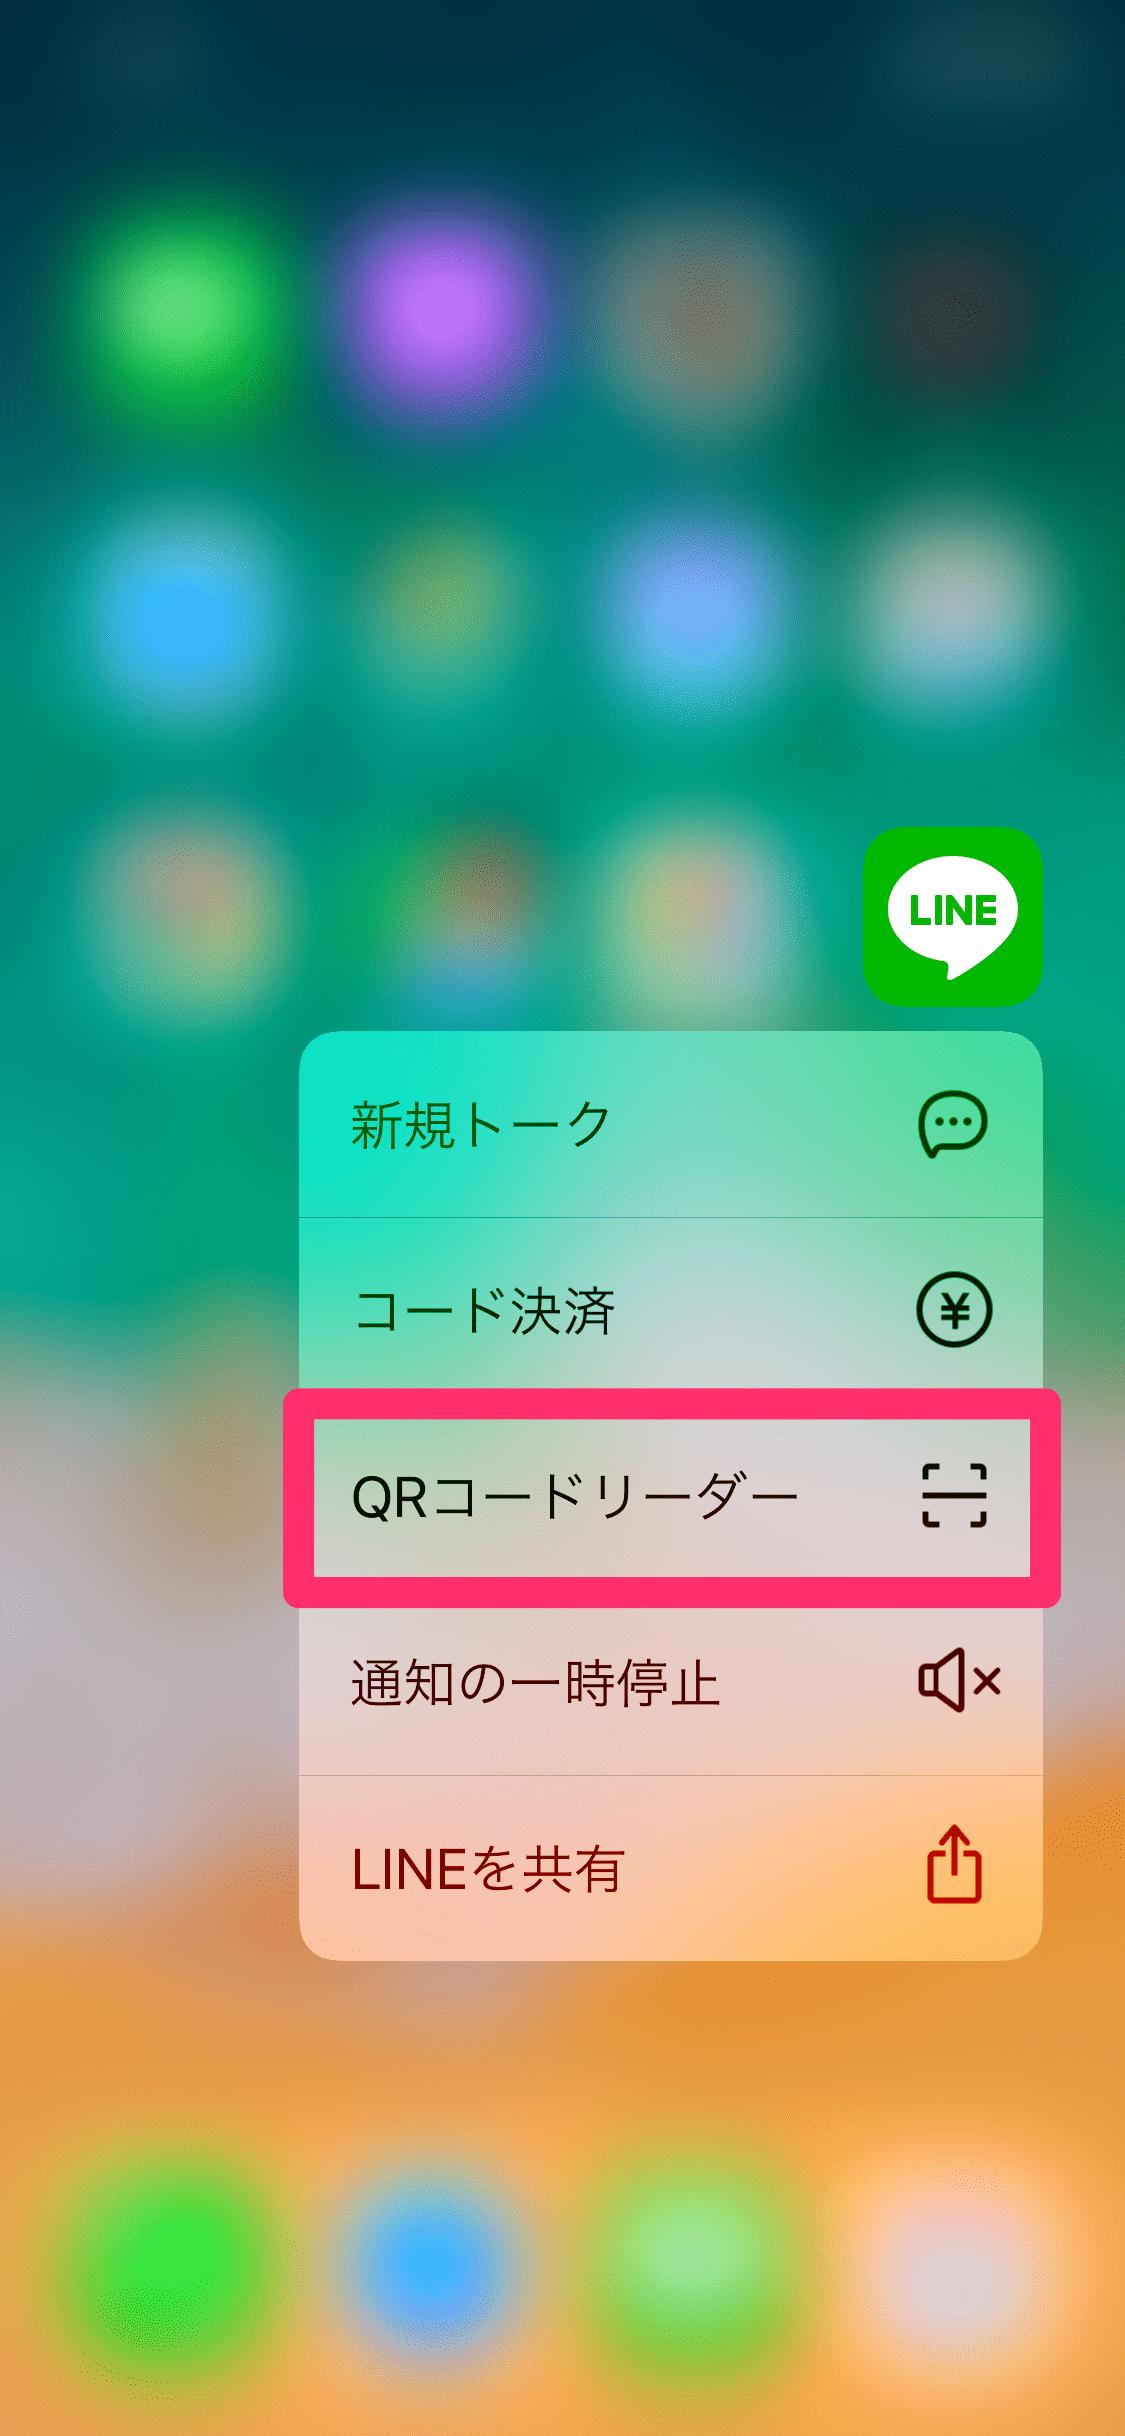 【LINE裏ワザ】iPhoneで友だちを追加する最速の方法。これさえ覚えておけば困らない!